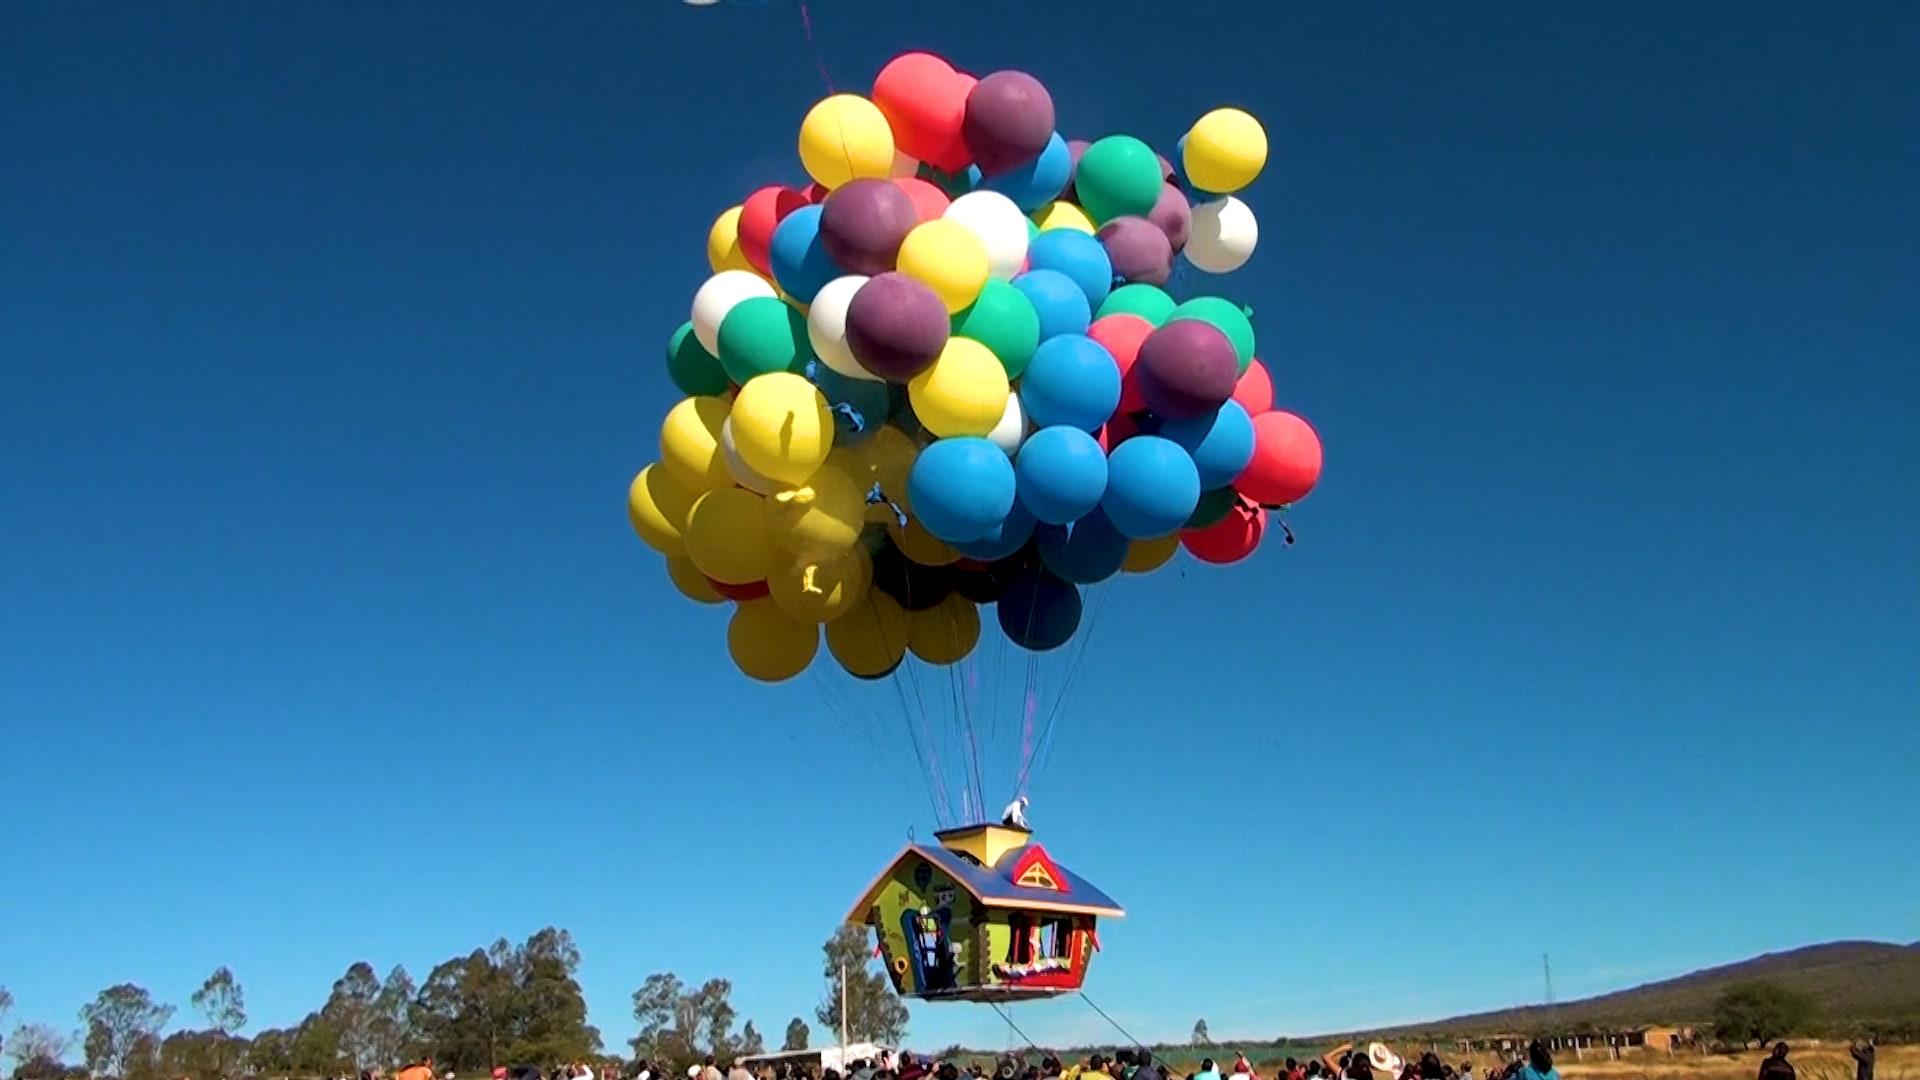 باستخدام البالونات الملونة.. رجل يحلق مئات الكيلومترات في السماء